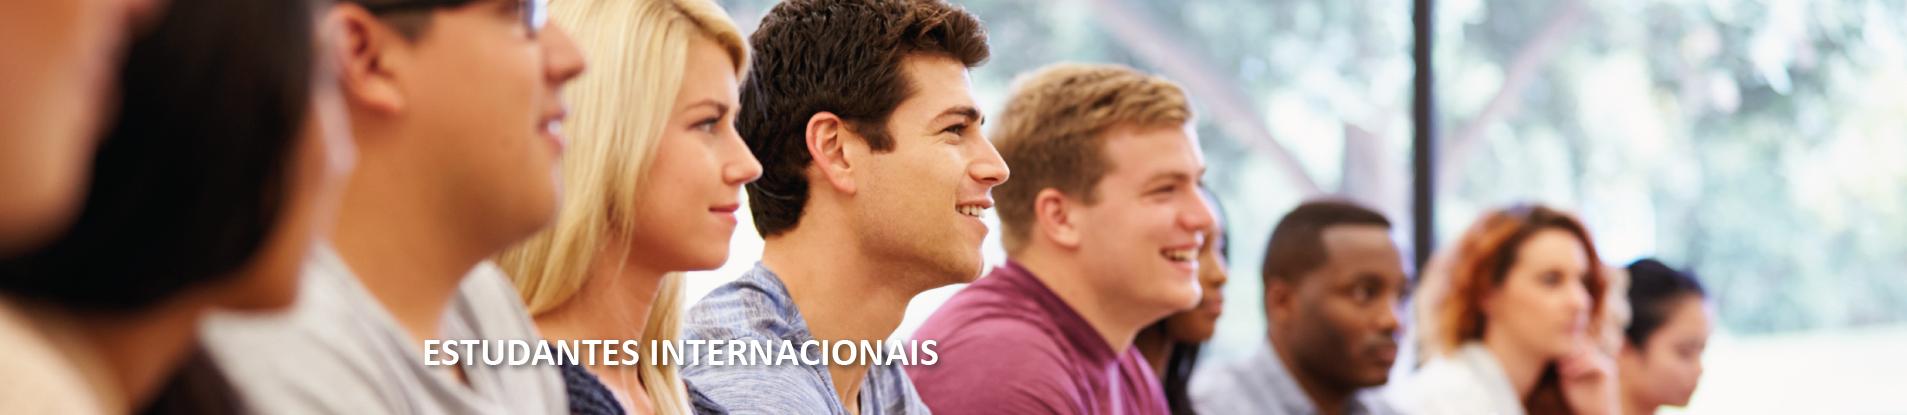 slider estudantes internacionais pt